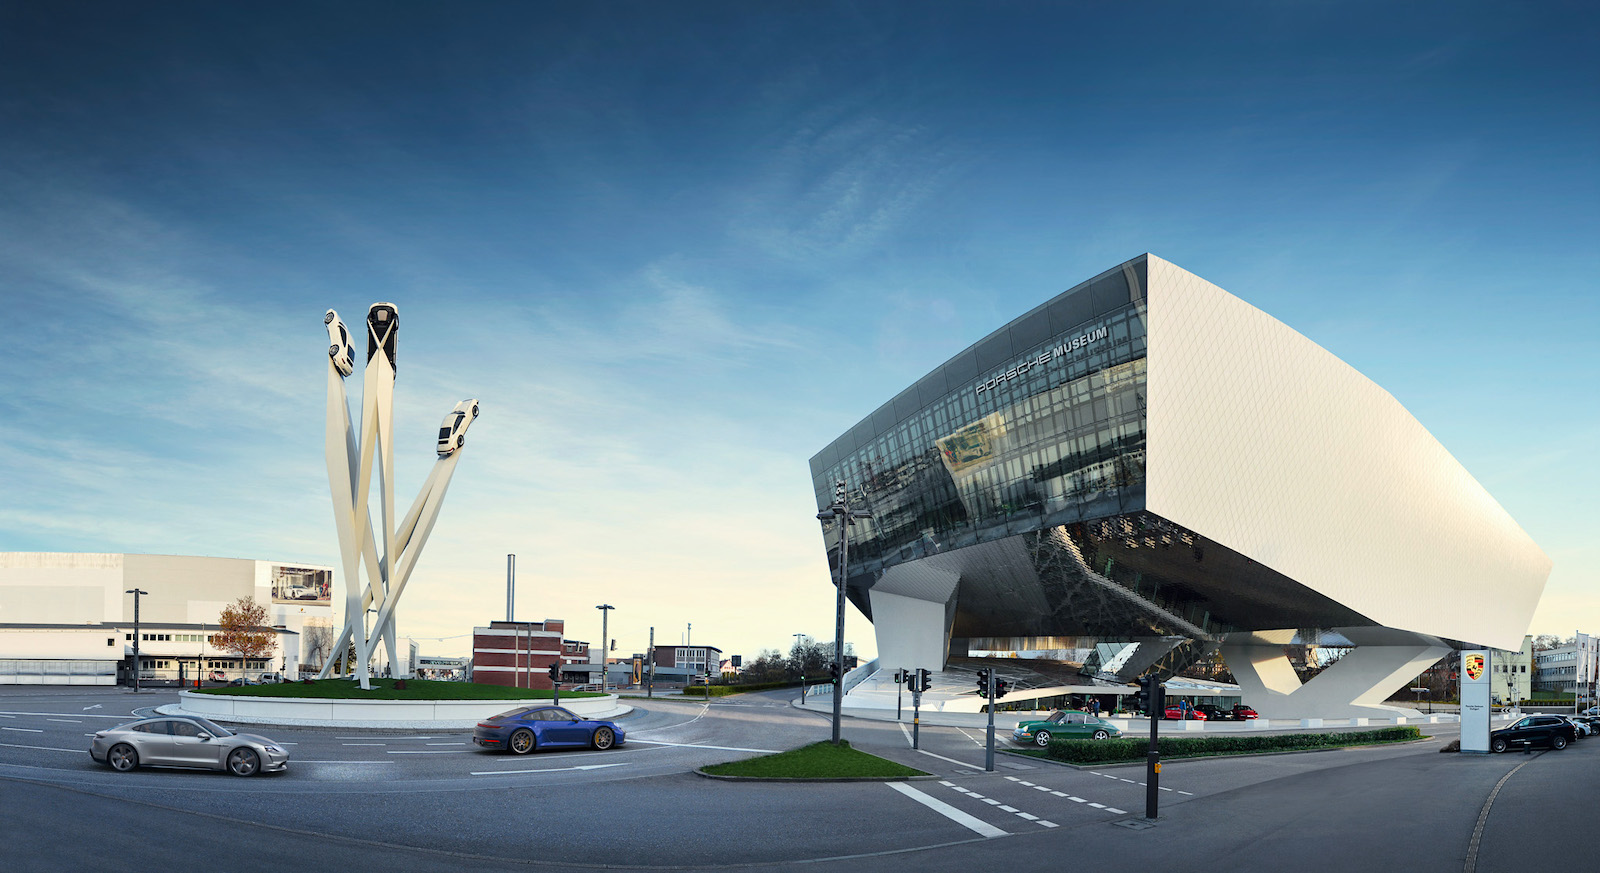 El 17 de mayo de 2020, el Museo Porsche abrirá sus puertas a todos de forma gratuita.